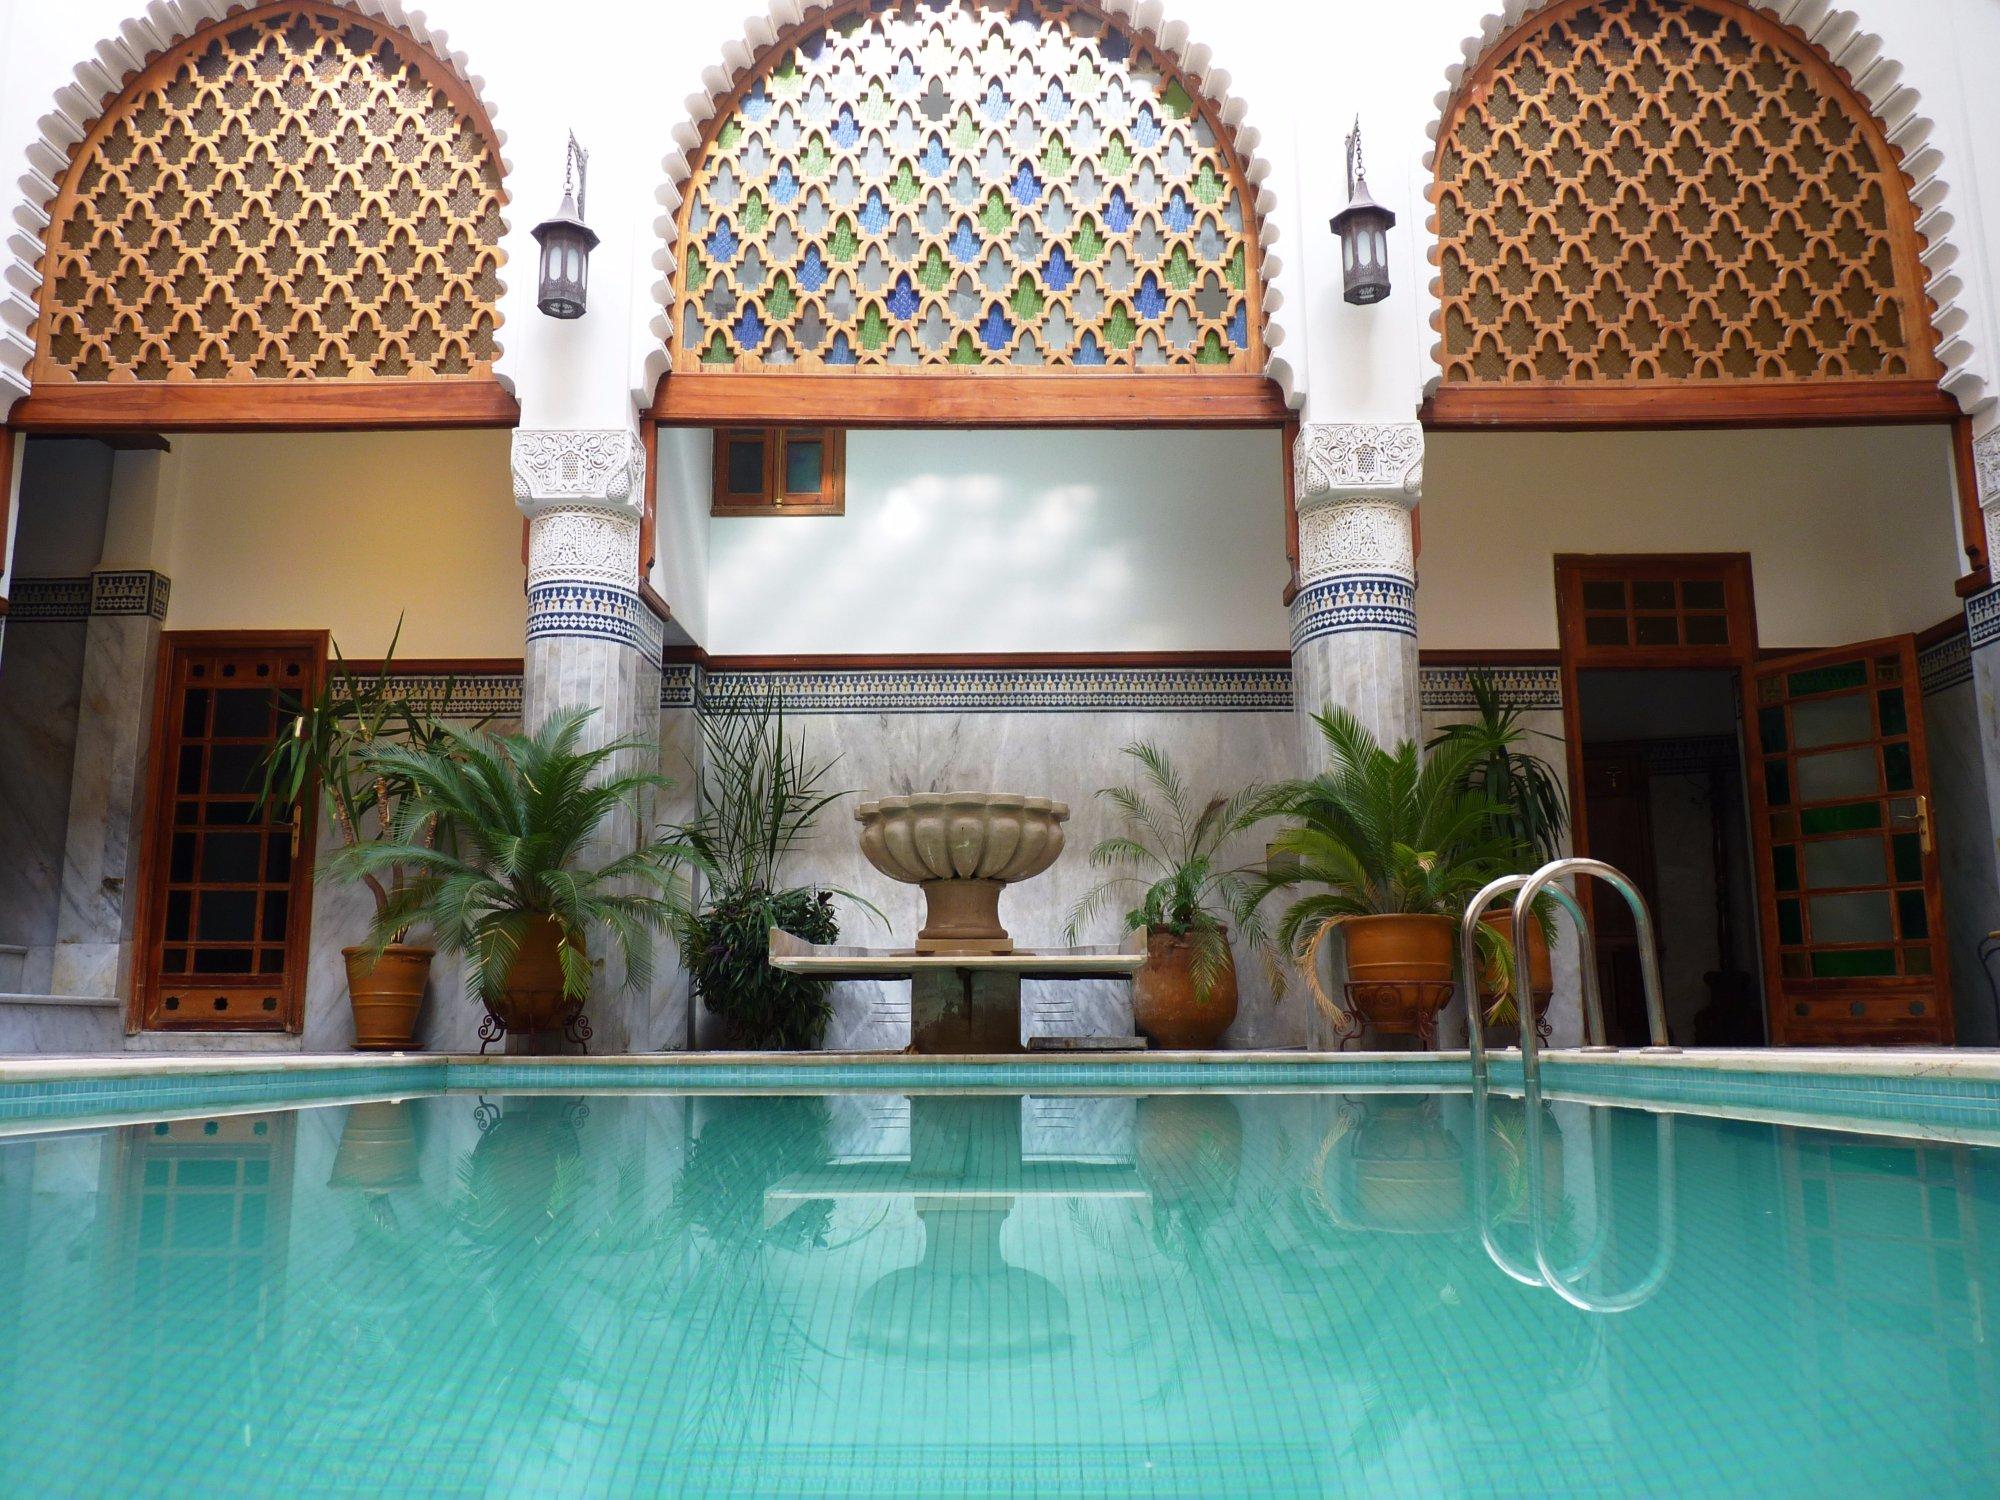 Palais d'Hotes Suites & Spa Fes